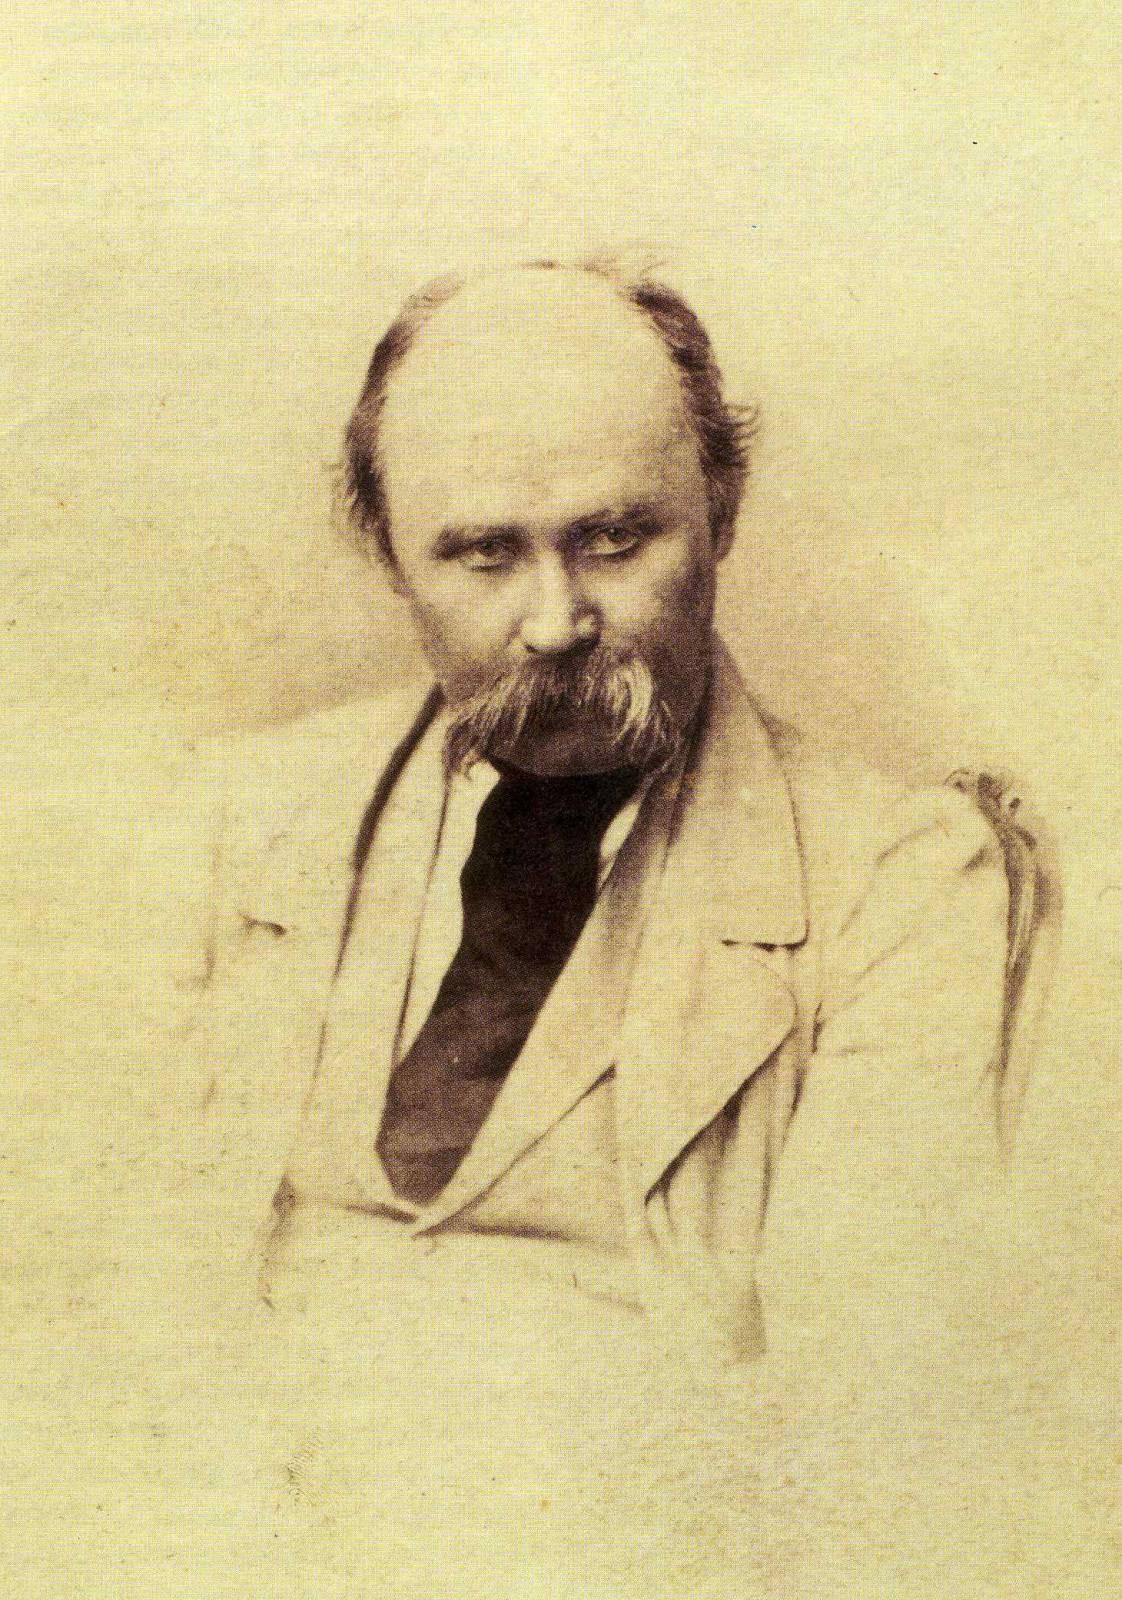 Тарас григорович шевченко народився 25 лютого (9 березня за новим стилем) 1814 р